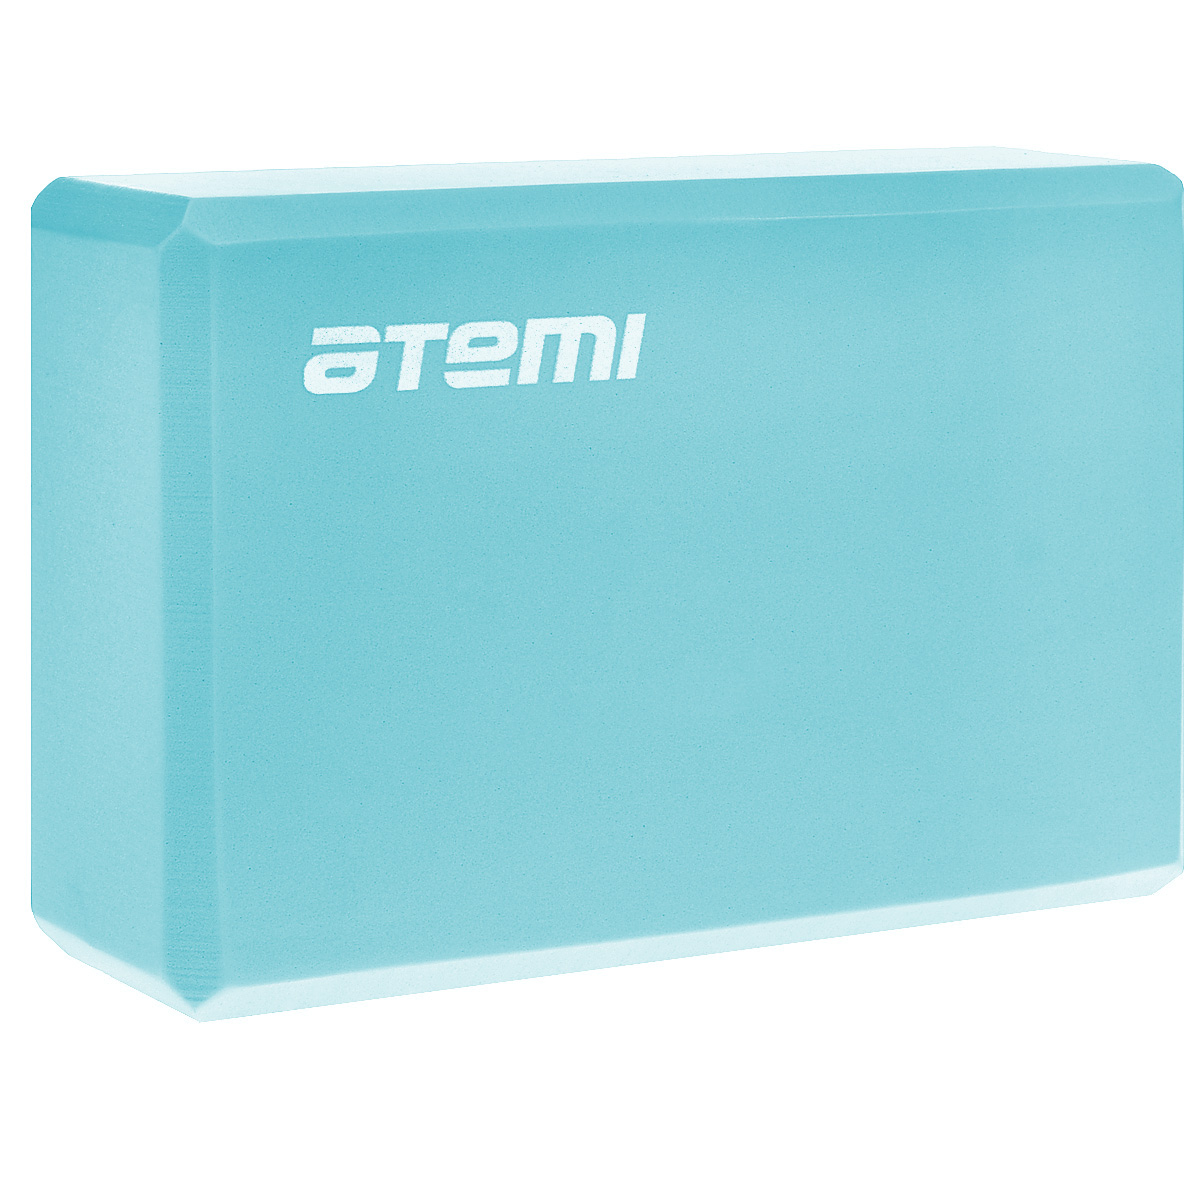 Блок для йоги Atemi, цвет: голубой, 23 х 15 х 8 смAYB-01 bБлок для йоги Atemi рекомендуется как помощник при выполнении более сложных упражнений, требующих максимальной гибкости и сноровки. При использовании блока быстрее, постепенно и безболезненно достигается гибкость. Укрепляет и разрабатывает мышцы запястья.